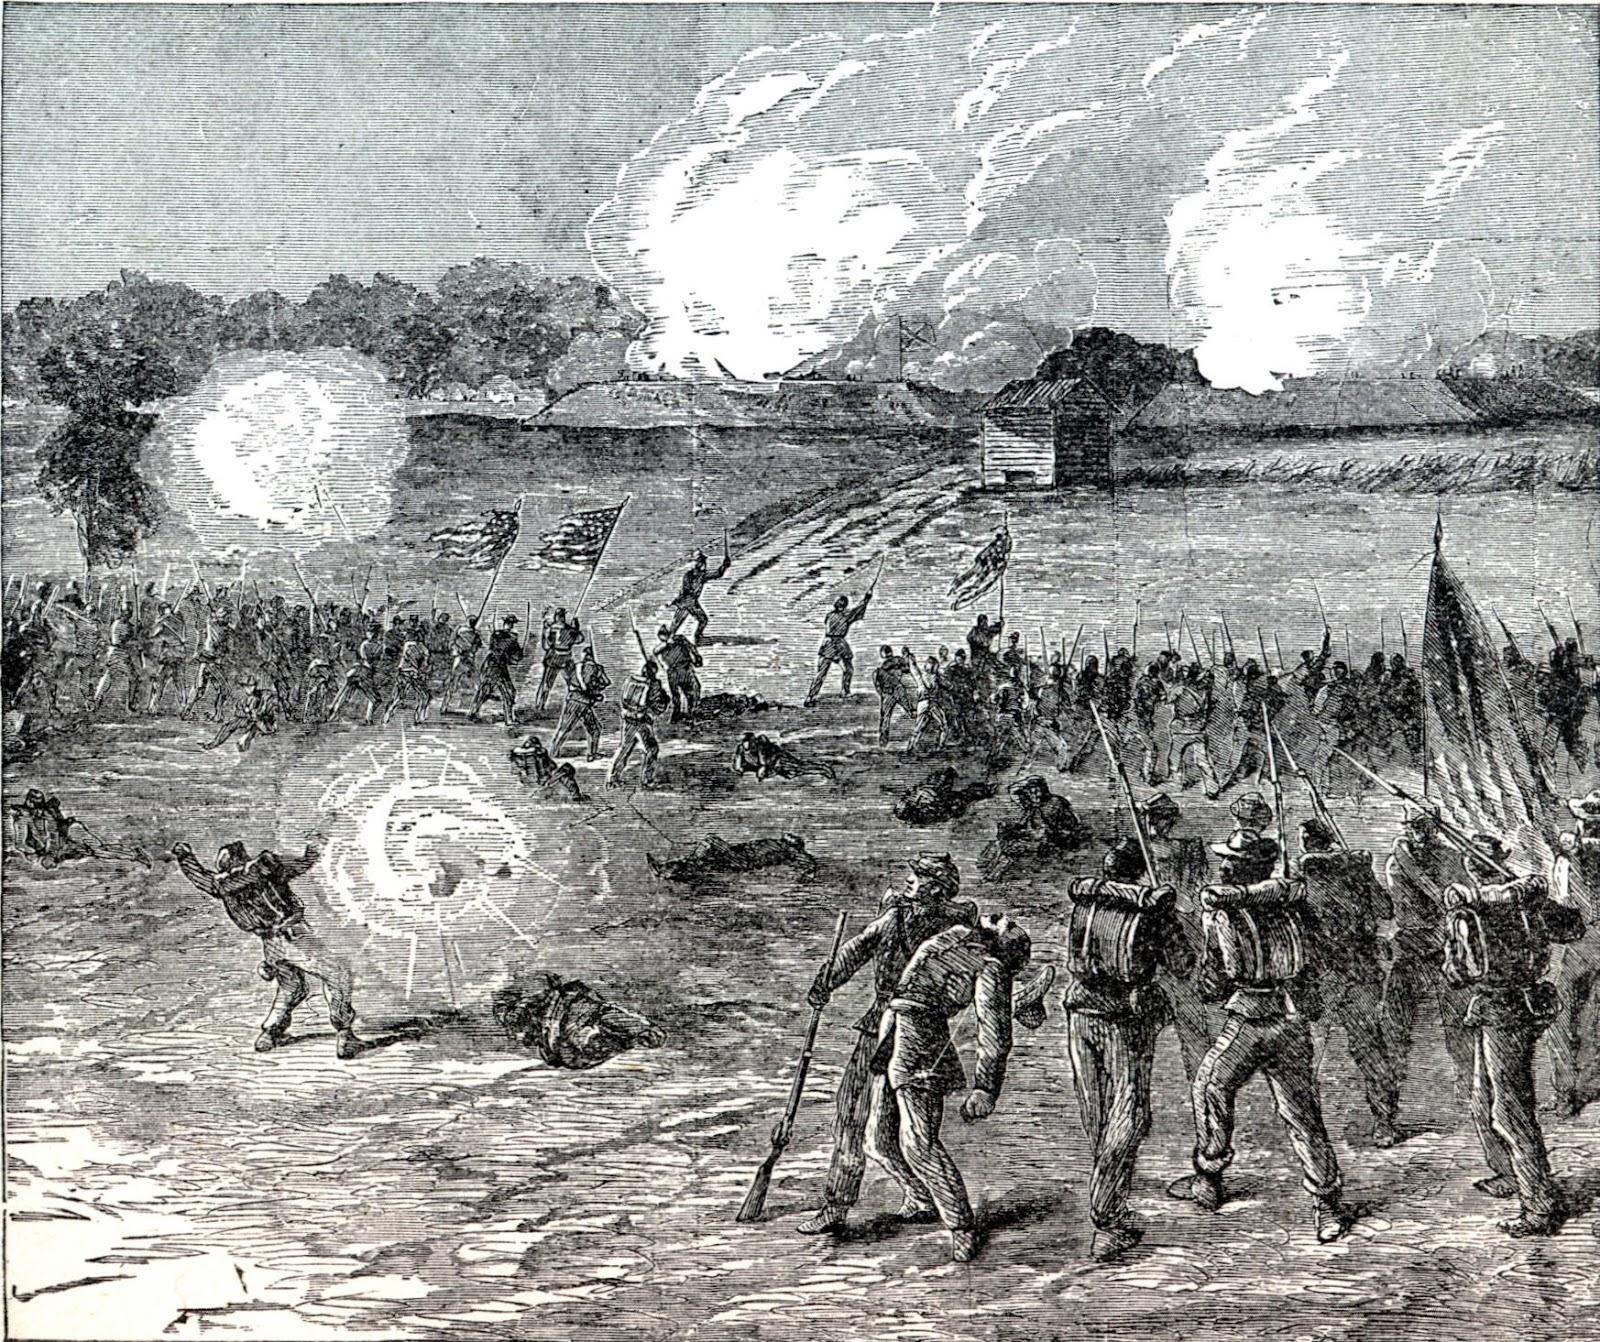 Siege of Petersburg, Virginia, American Civil War, 30 July